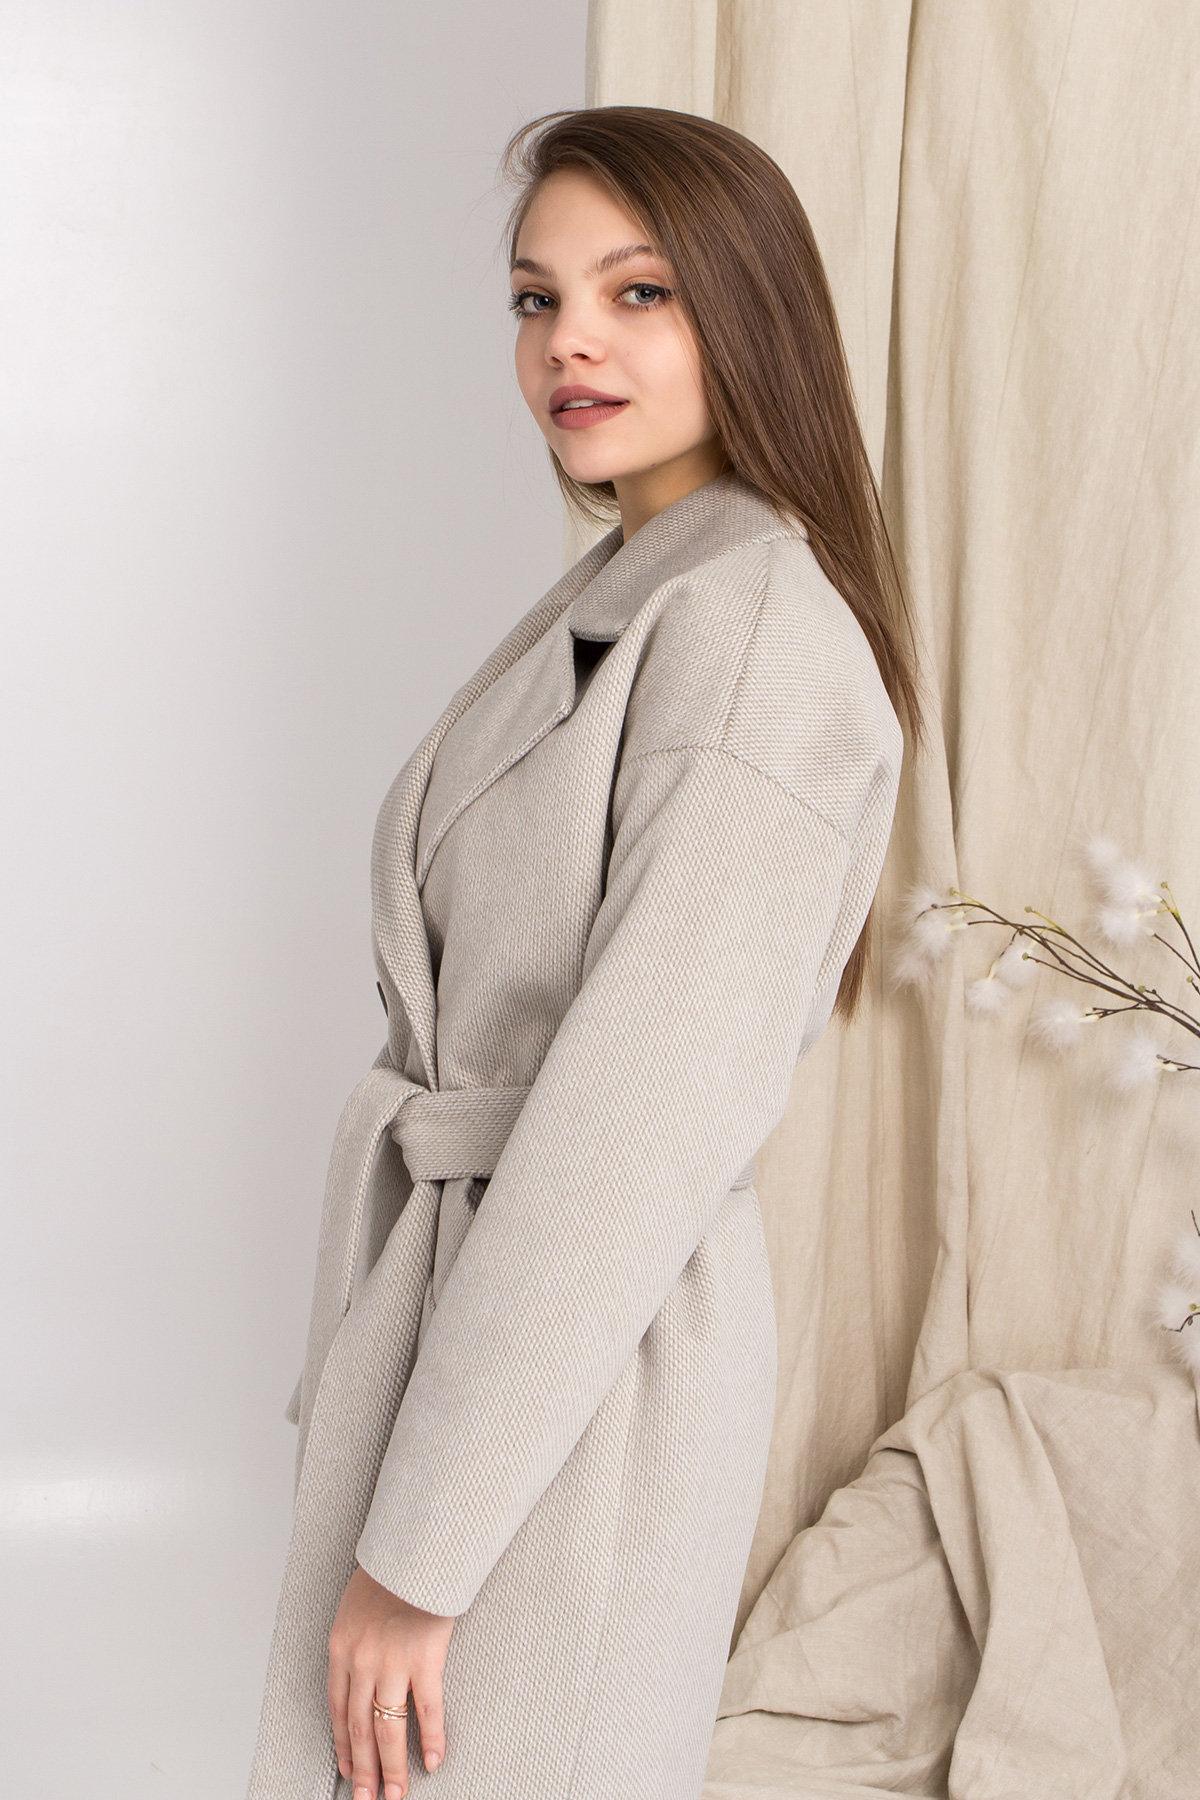 Демисезонное двубортное пальто Сенсей 8845 Цвет: Олива